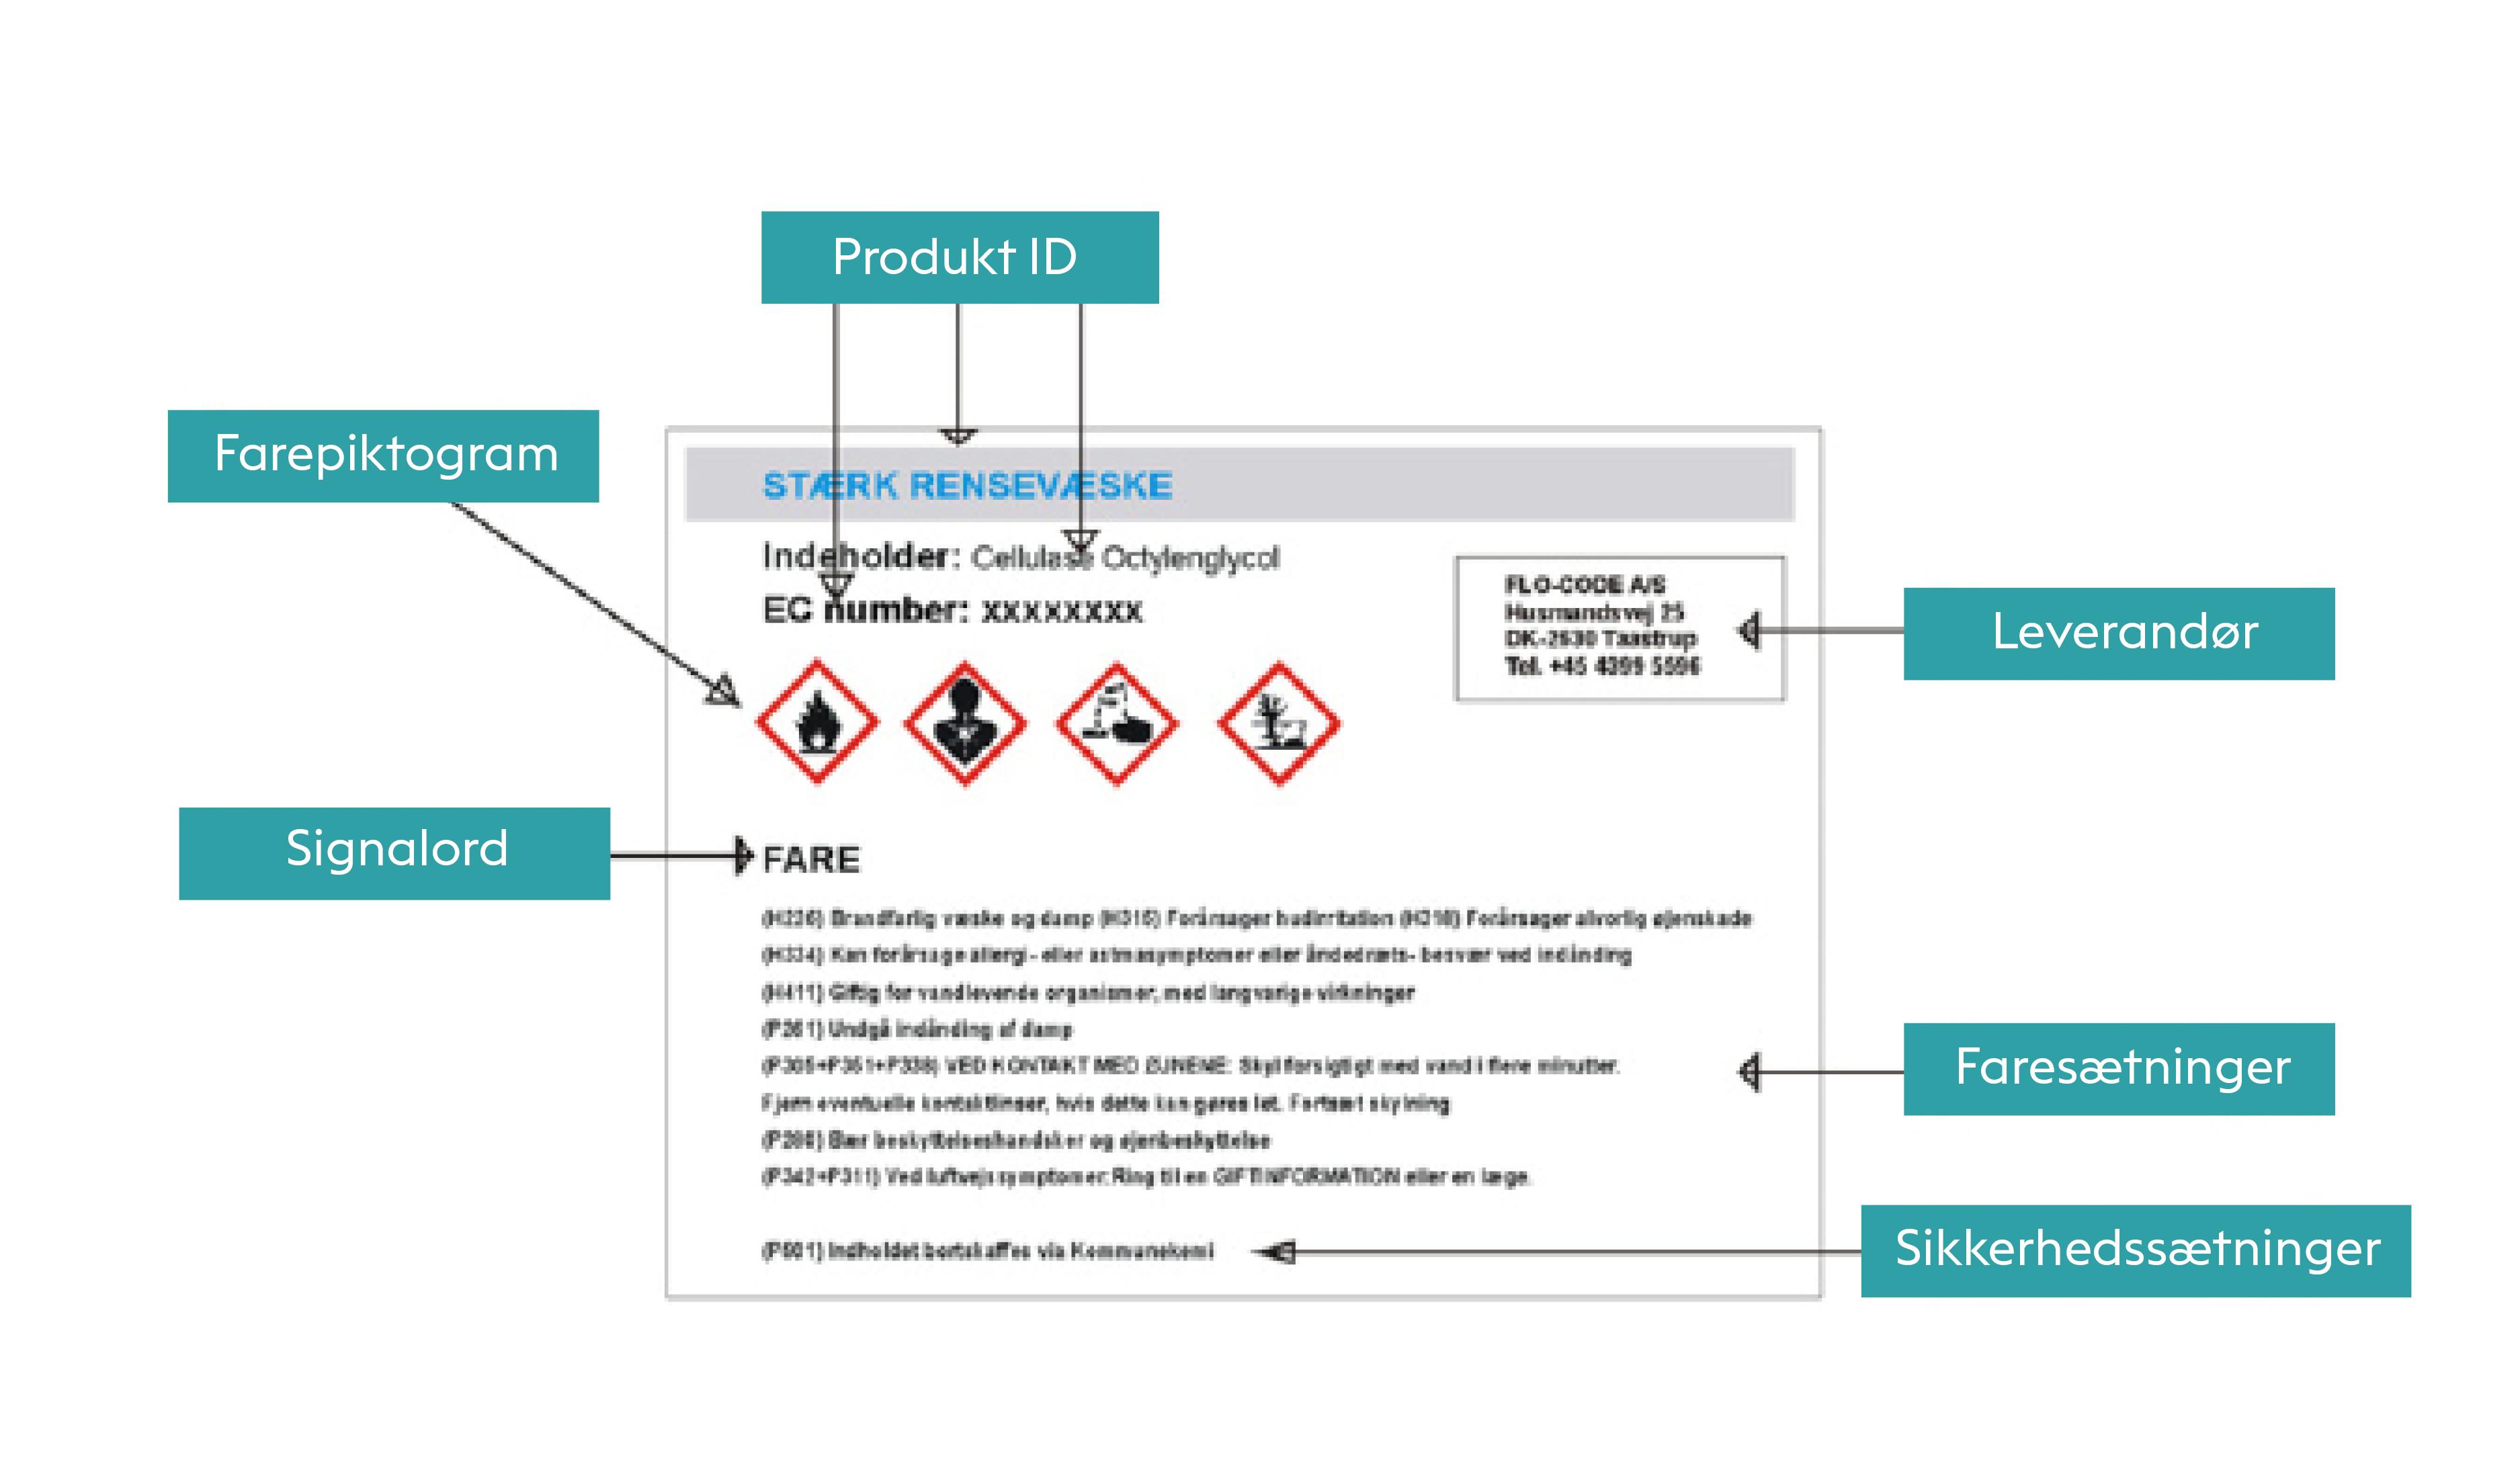 Mærking af kemikalier reguleres i EU af CLP forordningen